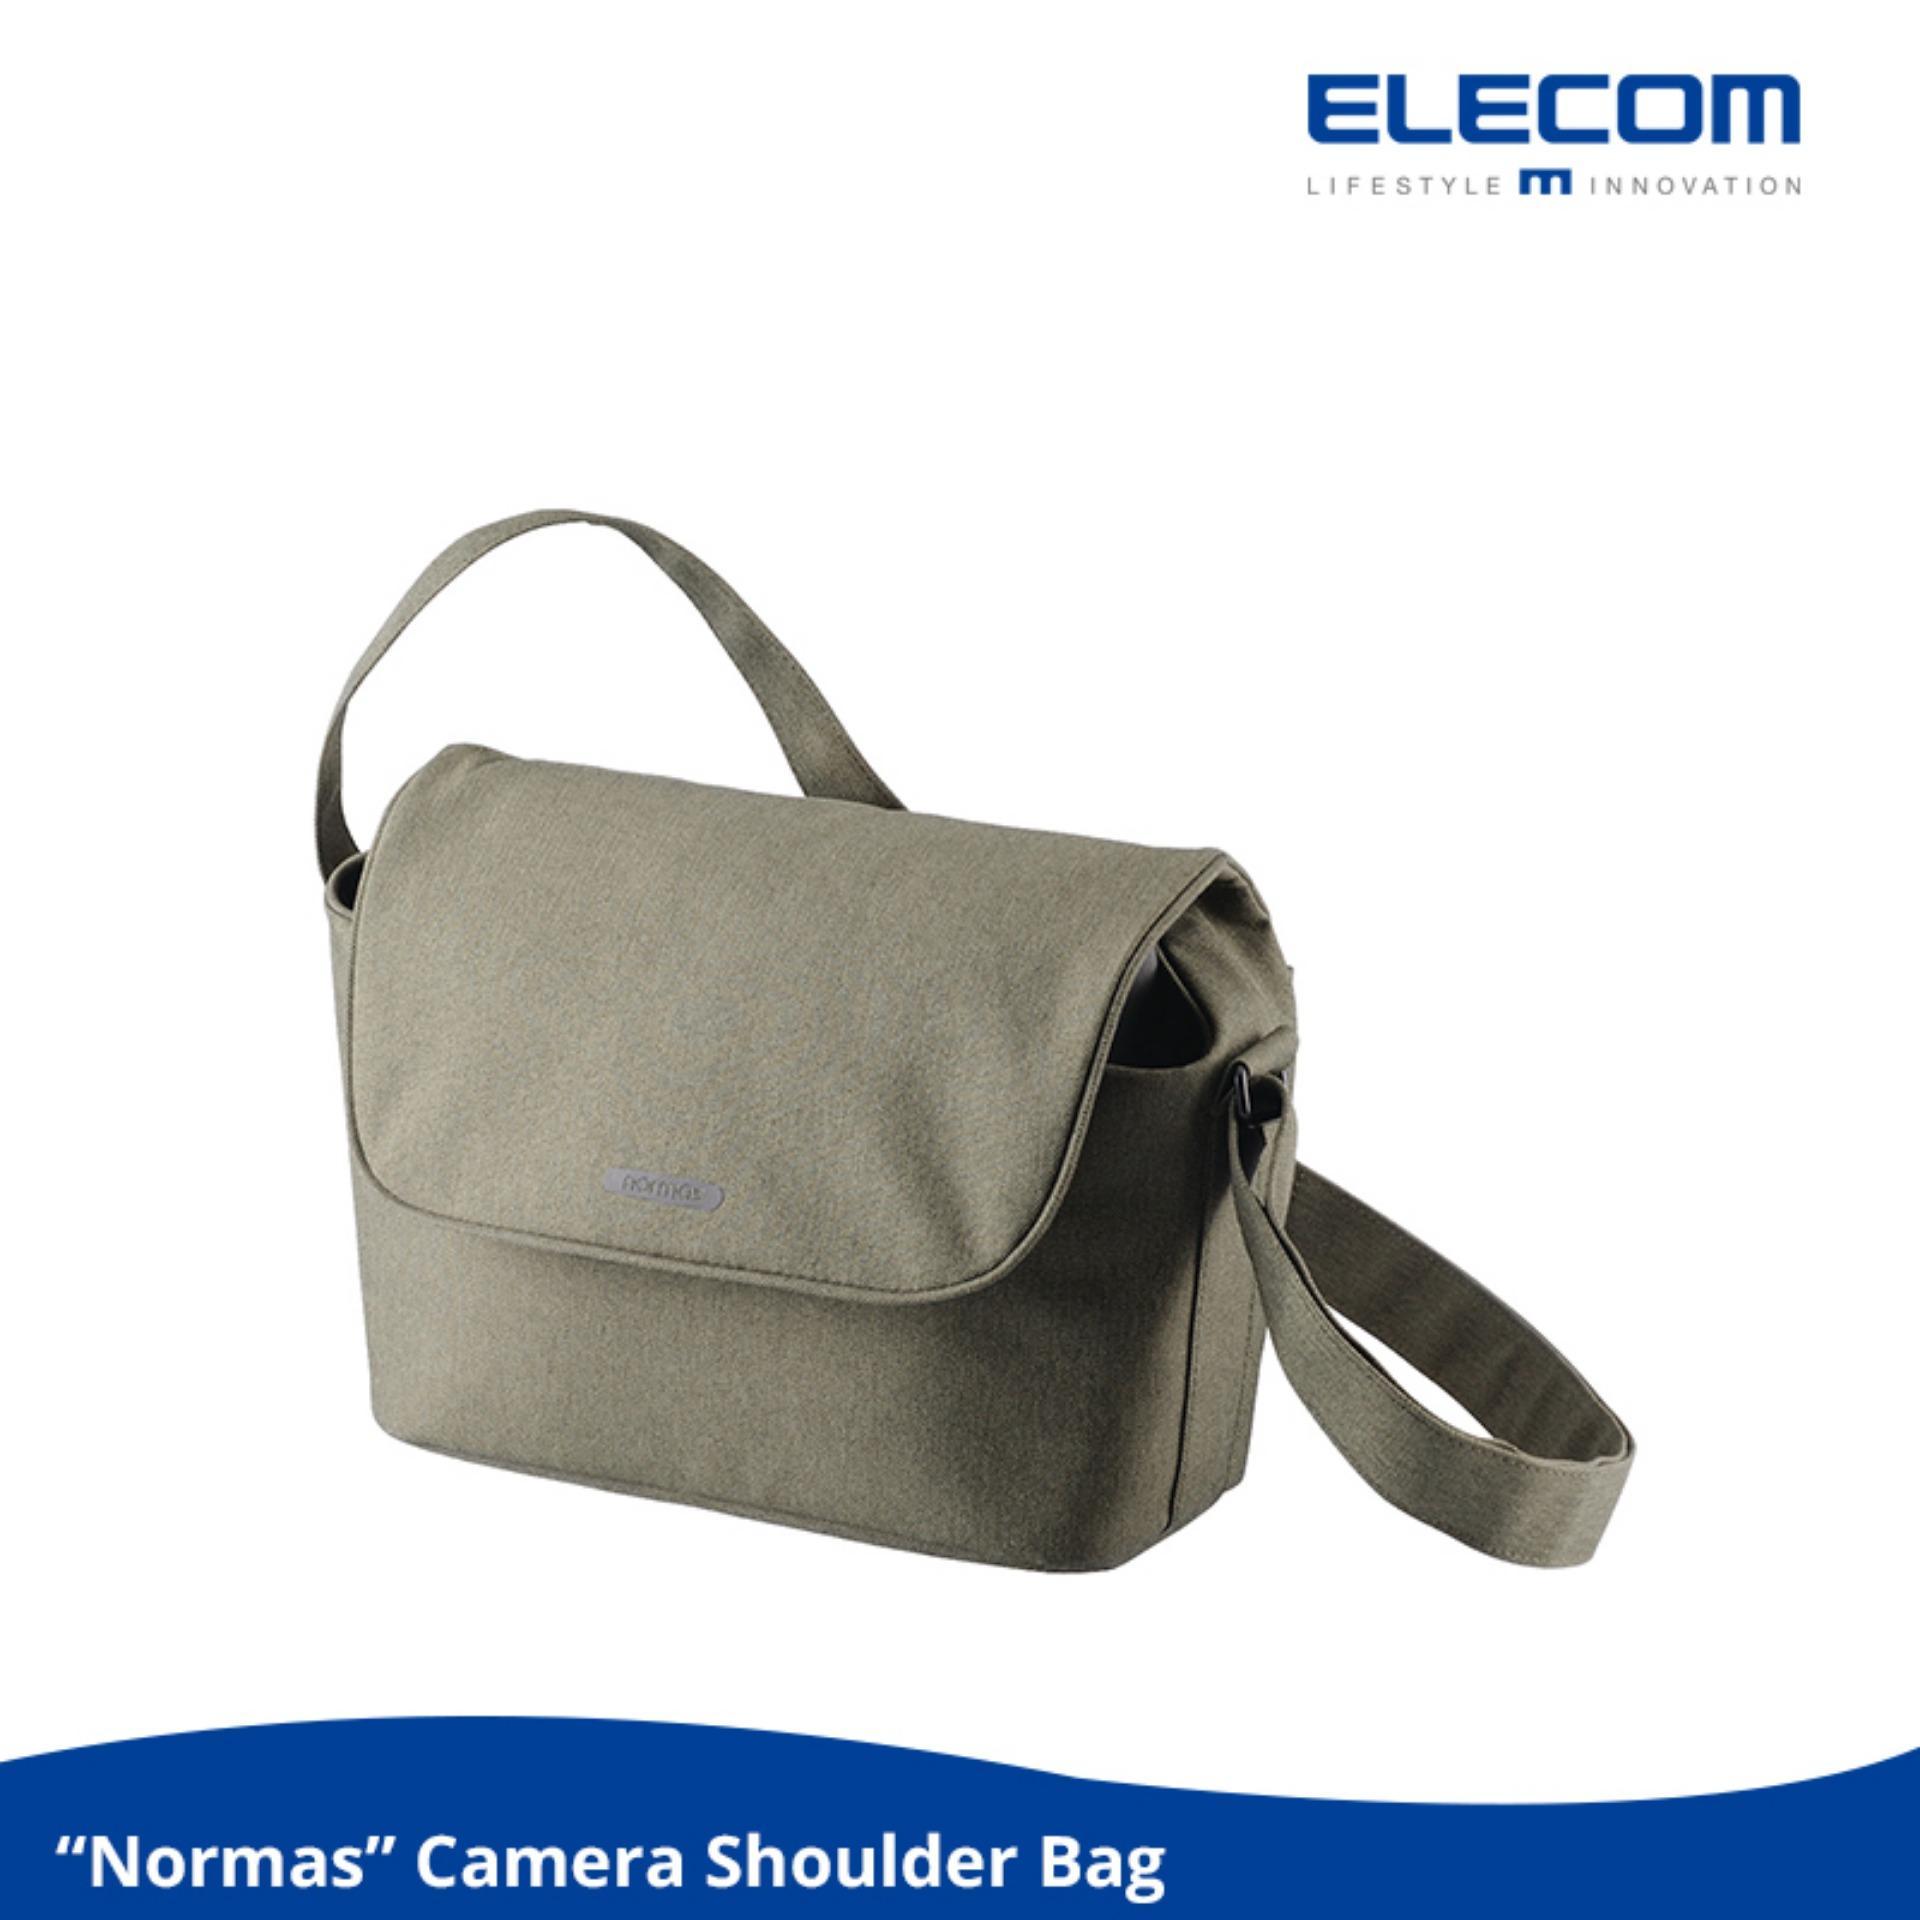 Cheap Elecom Normas S031 Camera Shoulder Bag For Single Lens Reflex Camera